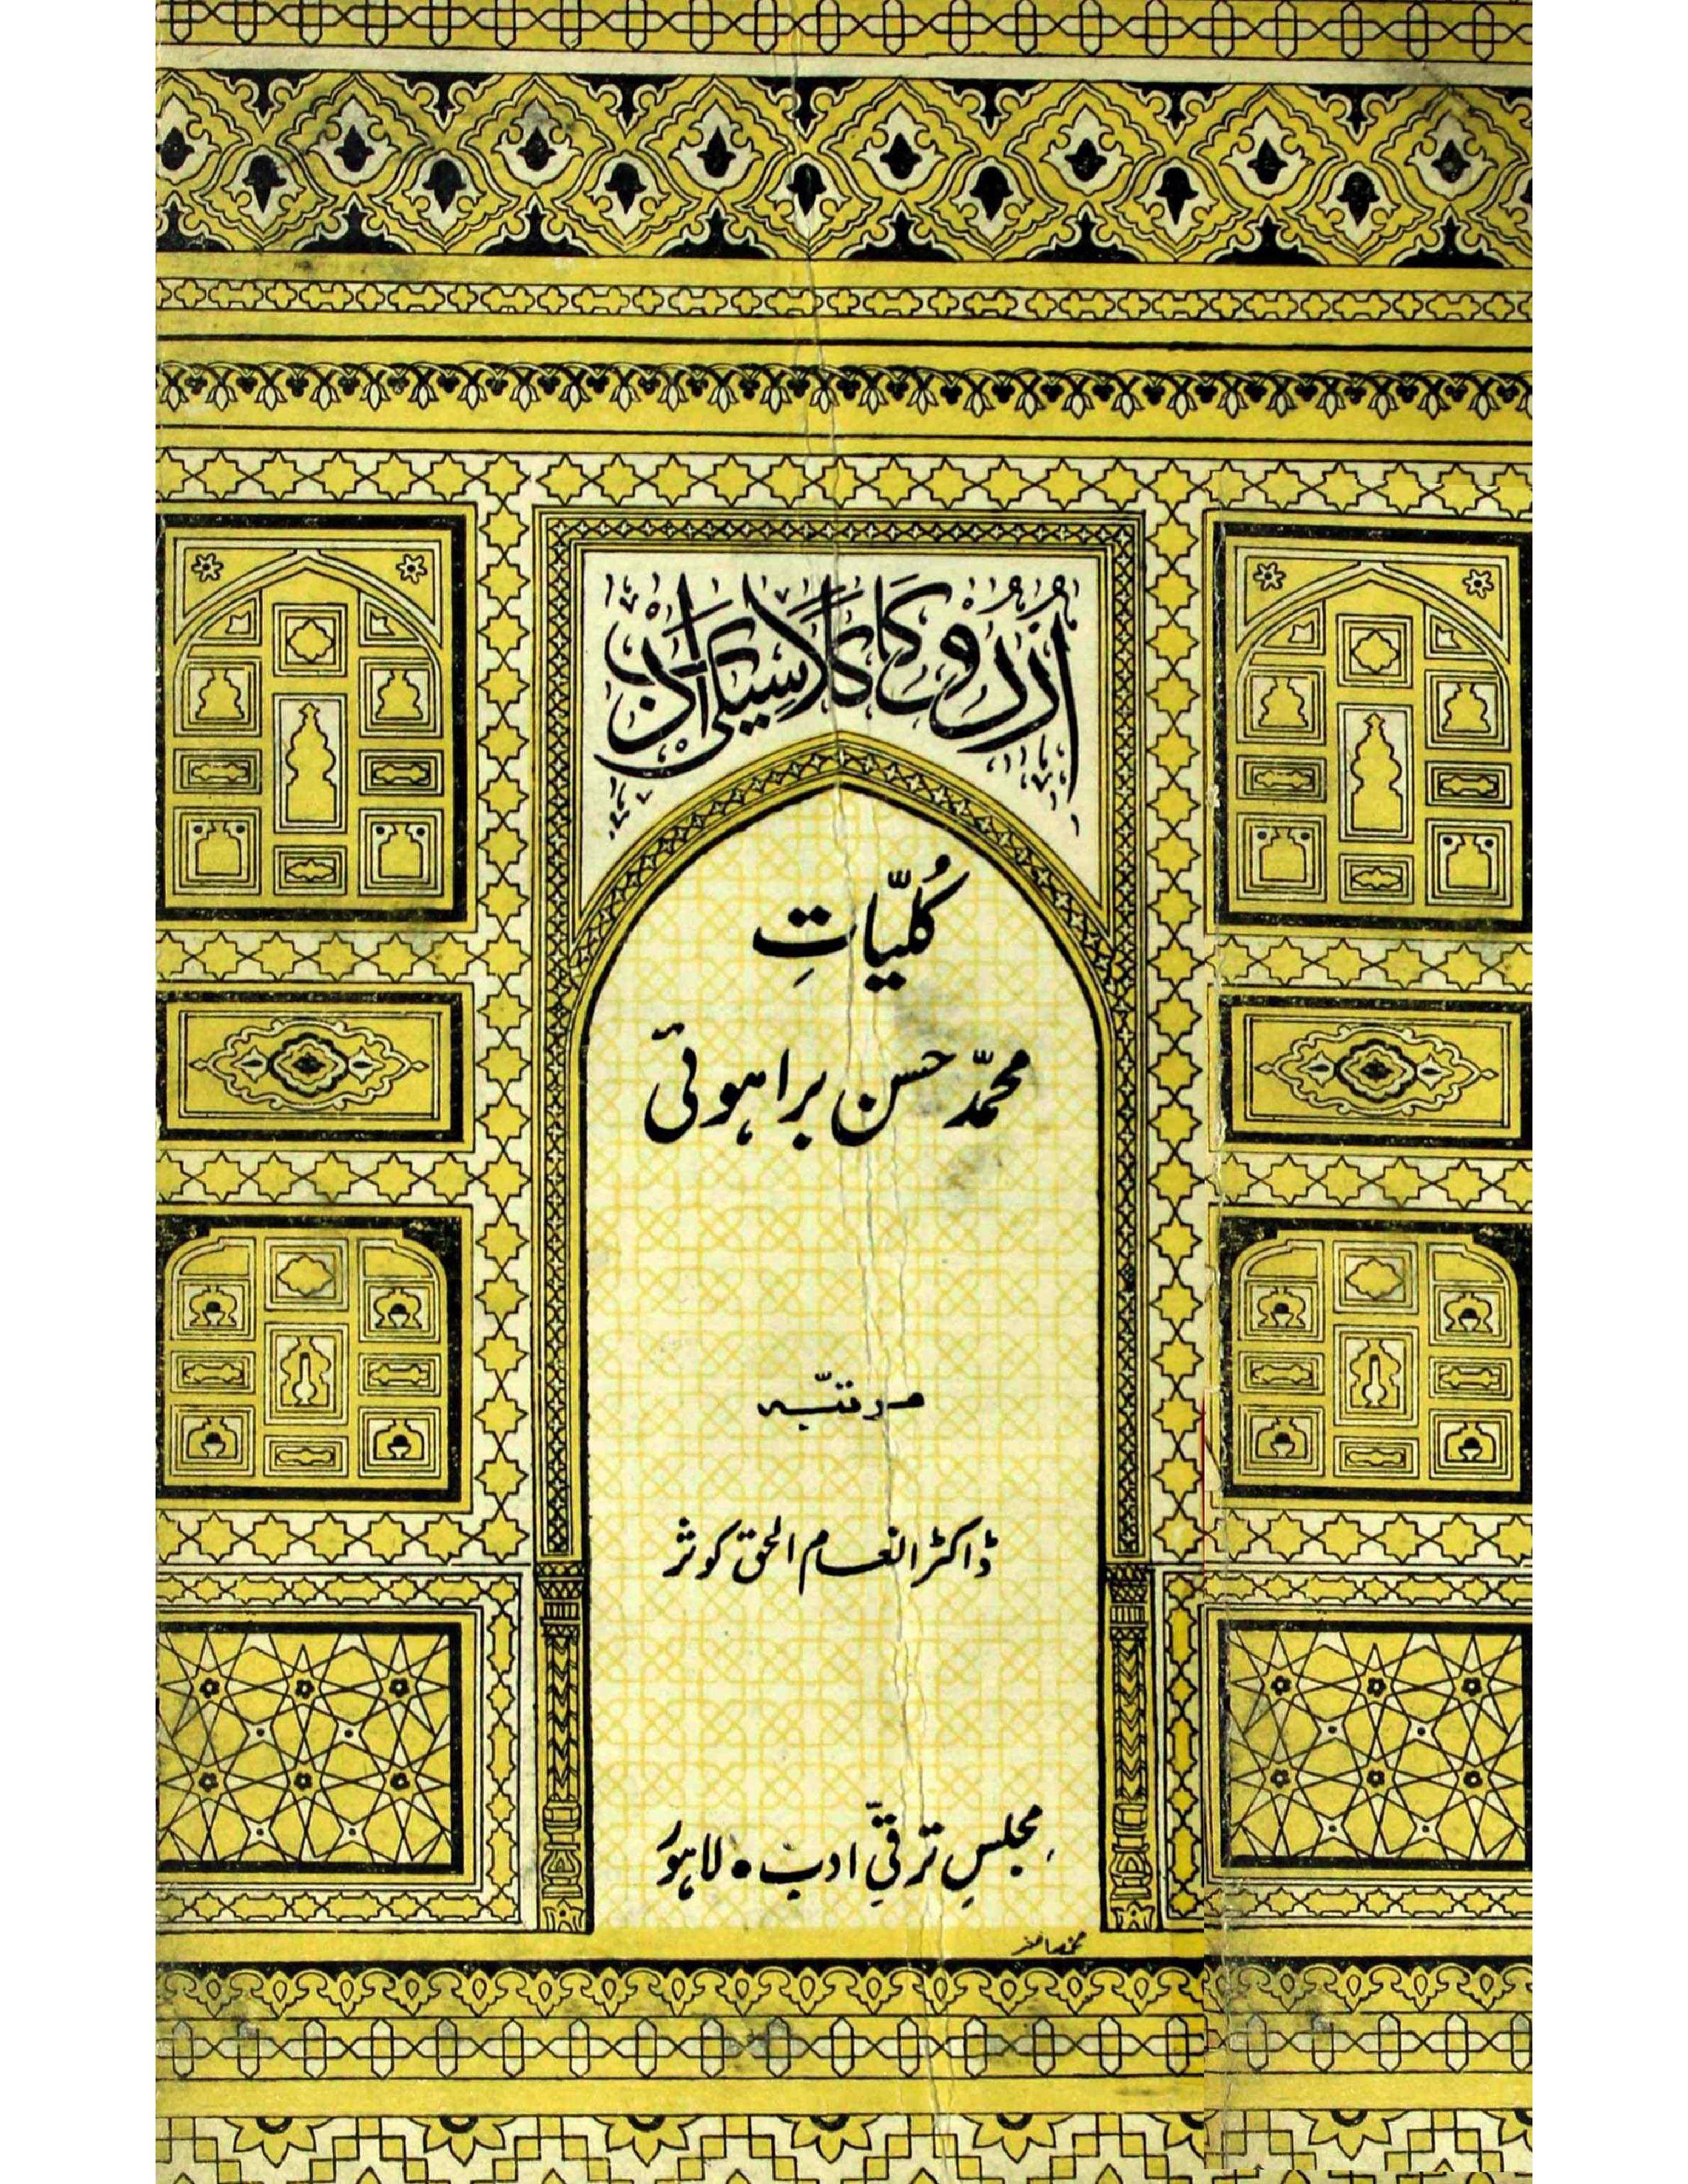 Kulliyat-e-Mohammad Hasan Barahwi